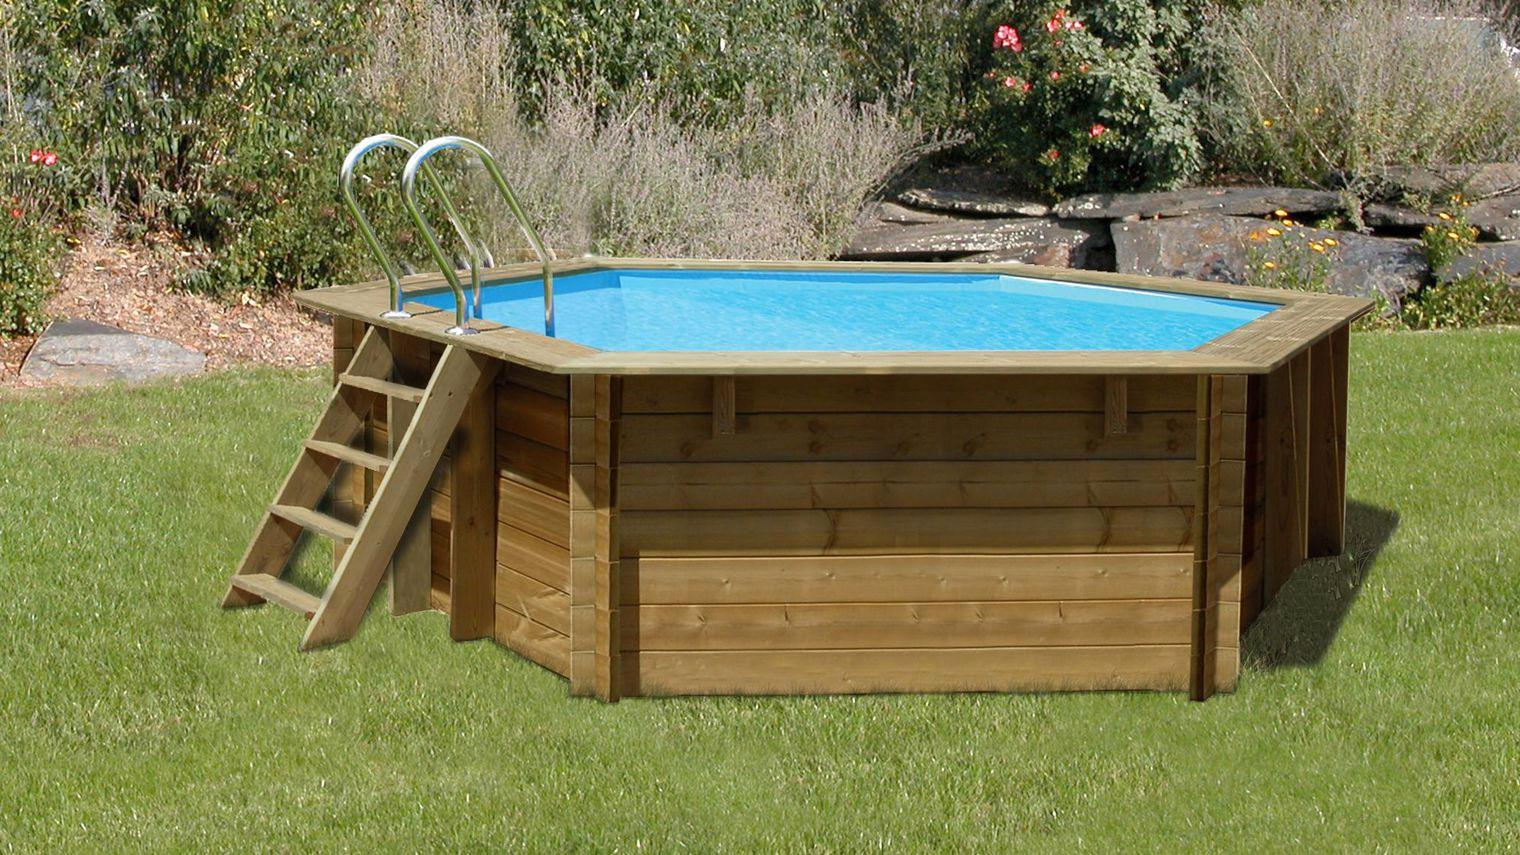 accessoire piscine hors sol castorama